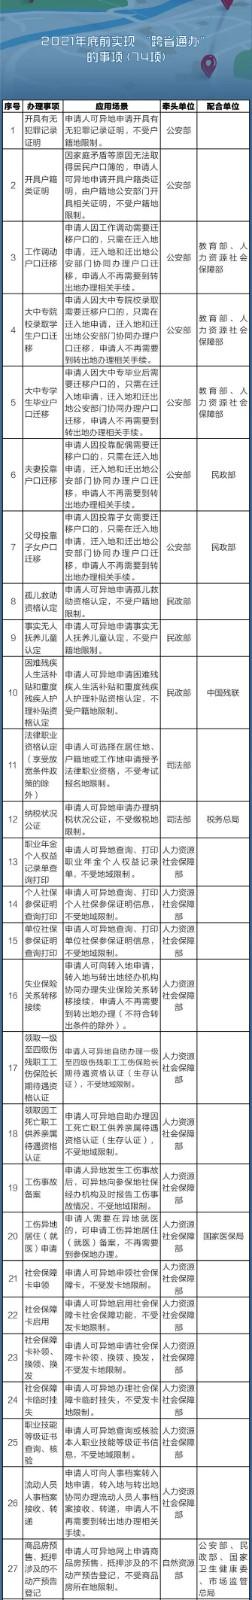 国务院定了!这140件事要异地能办,附详细清单、办理方法-中国网地产